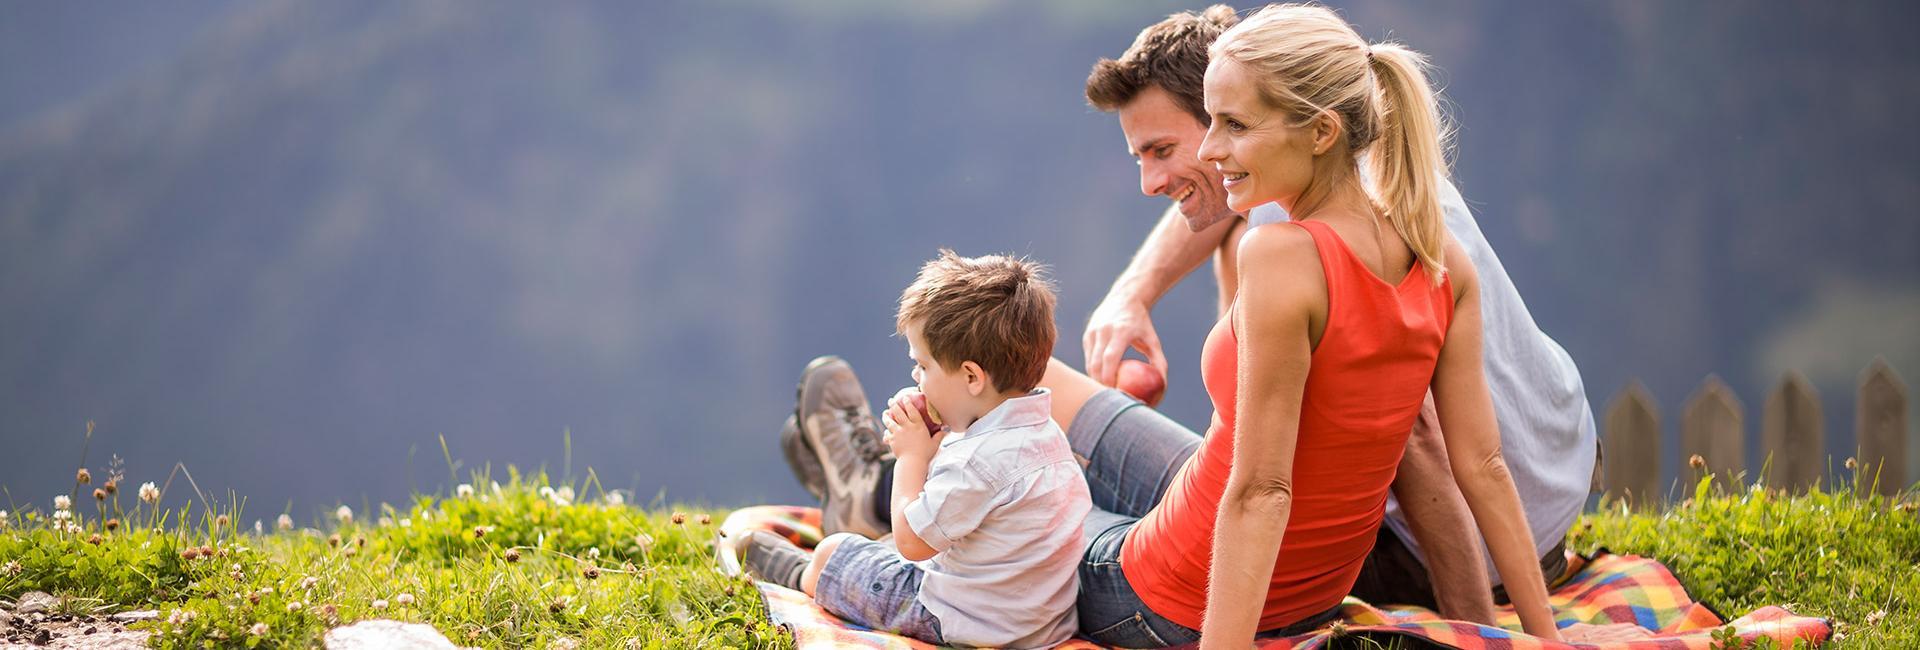 Vacanze a scena vicino a merano in trentino alto adige for Vacanze in trentino alto adige